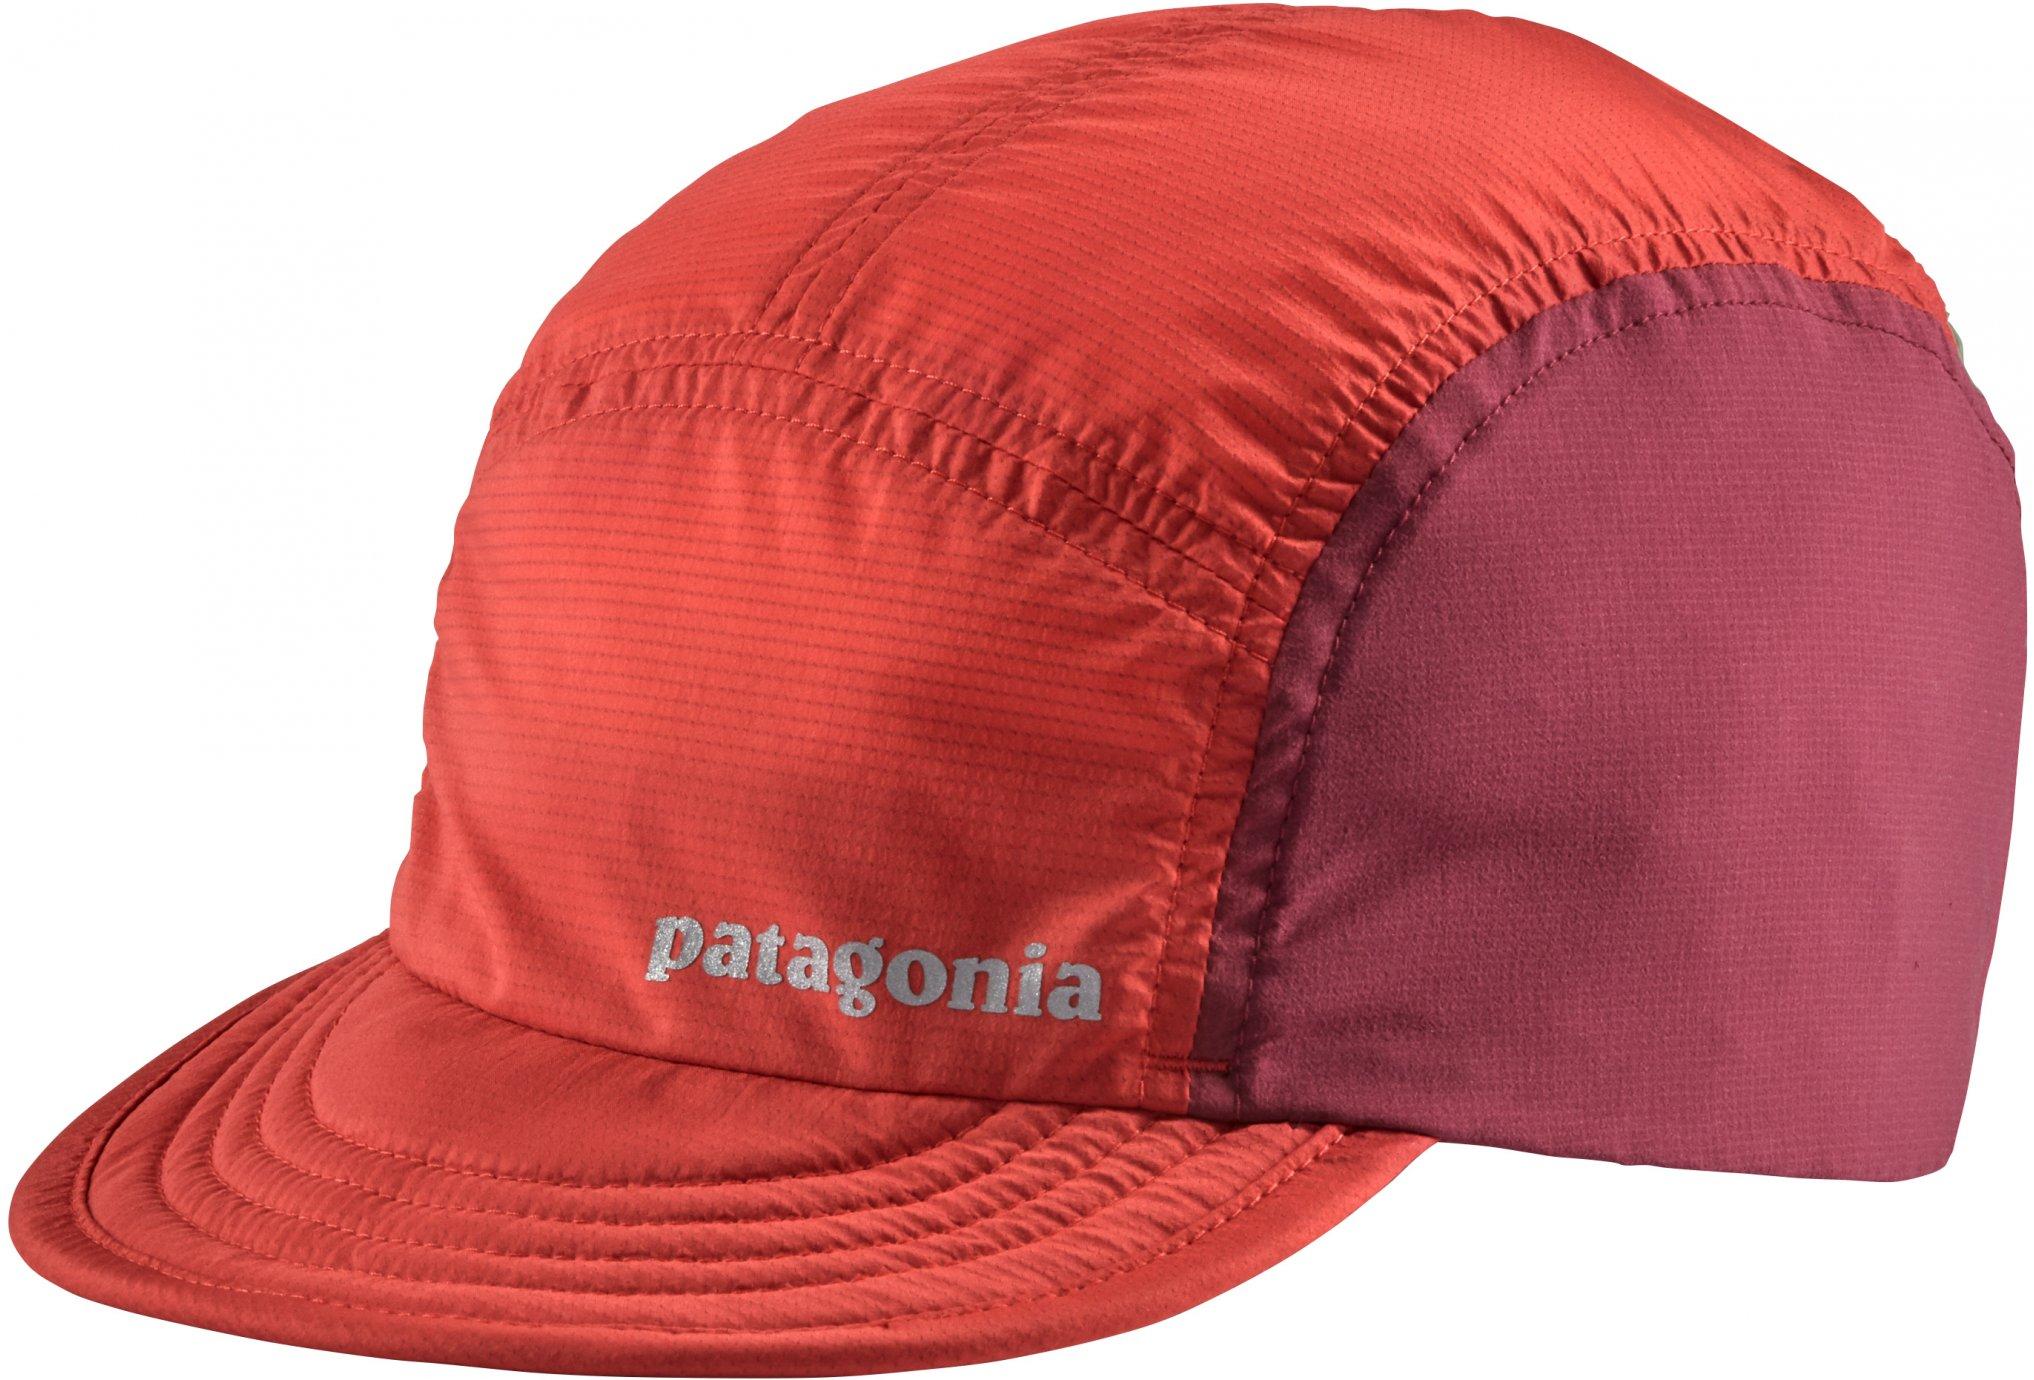 Patagonia Airdini Casquettes / bandeaux